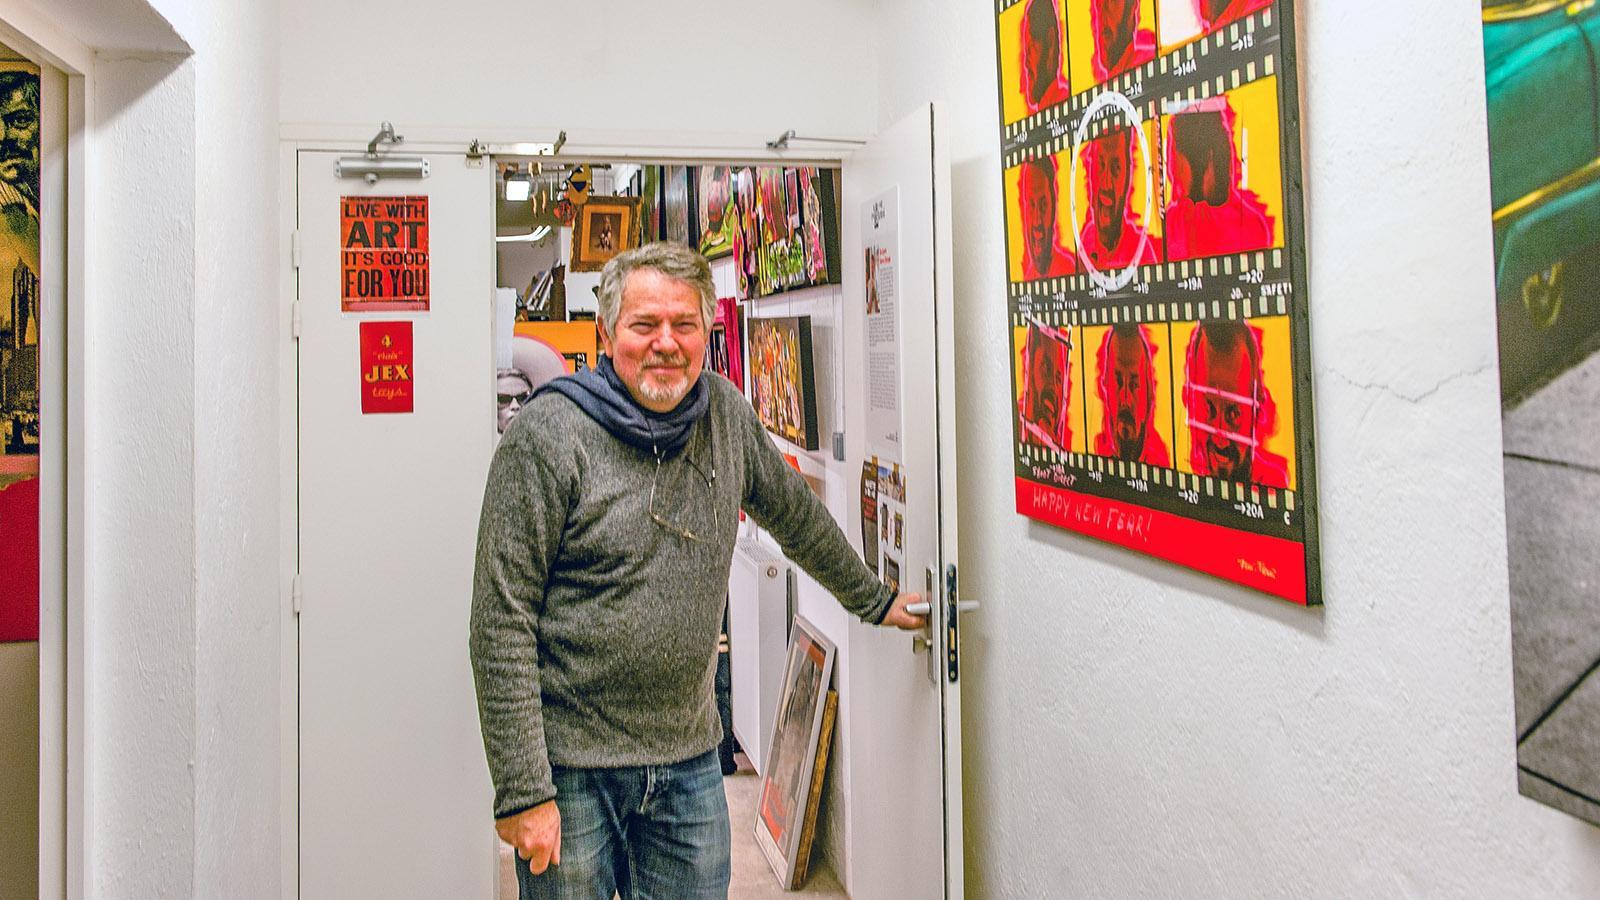 Cannes, Suquet des Artistes. Richard Ferri-Pisani öffnet die Tür zu seinem Atelier. Foto: Hilke Maunder